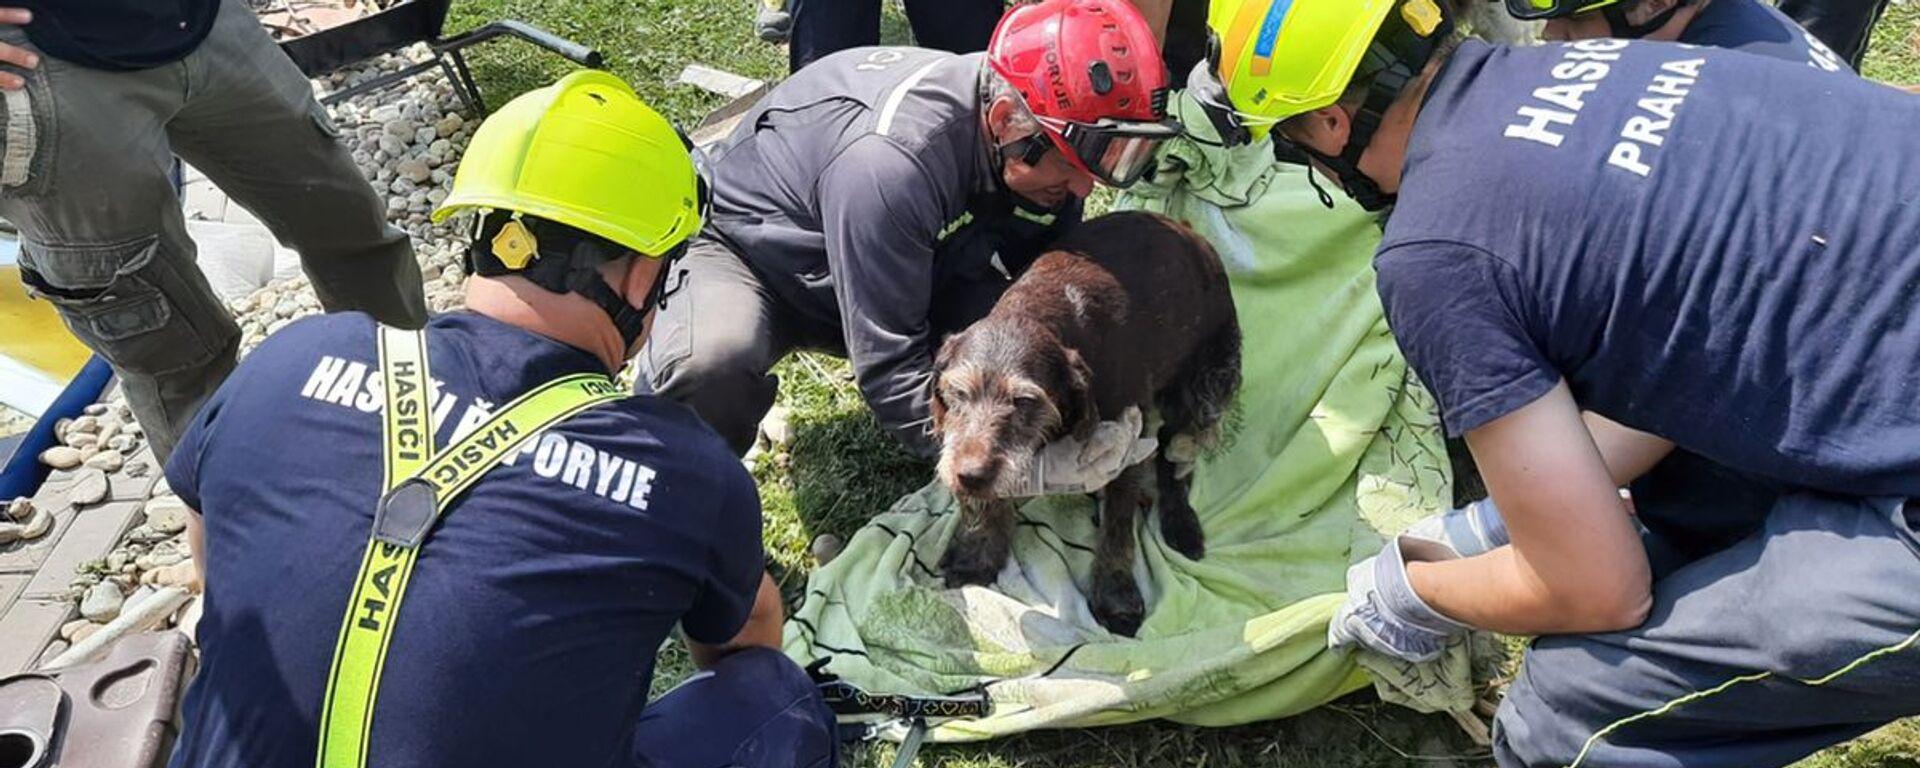 Hasiči ze sutin po tornádu na Moravě vyprostili psa - Sputnik Česká republika, 1920, 03.07.2021